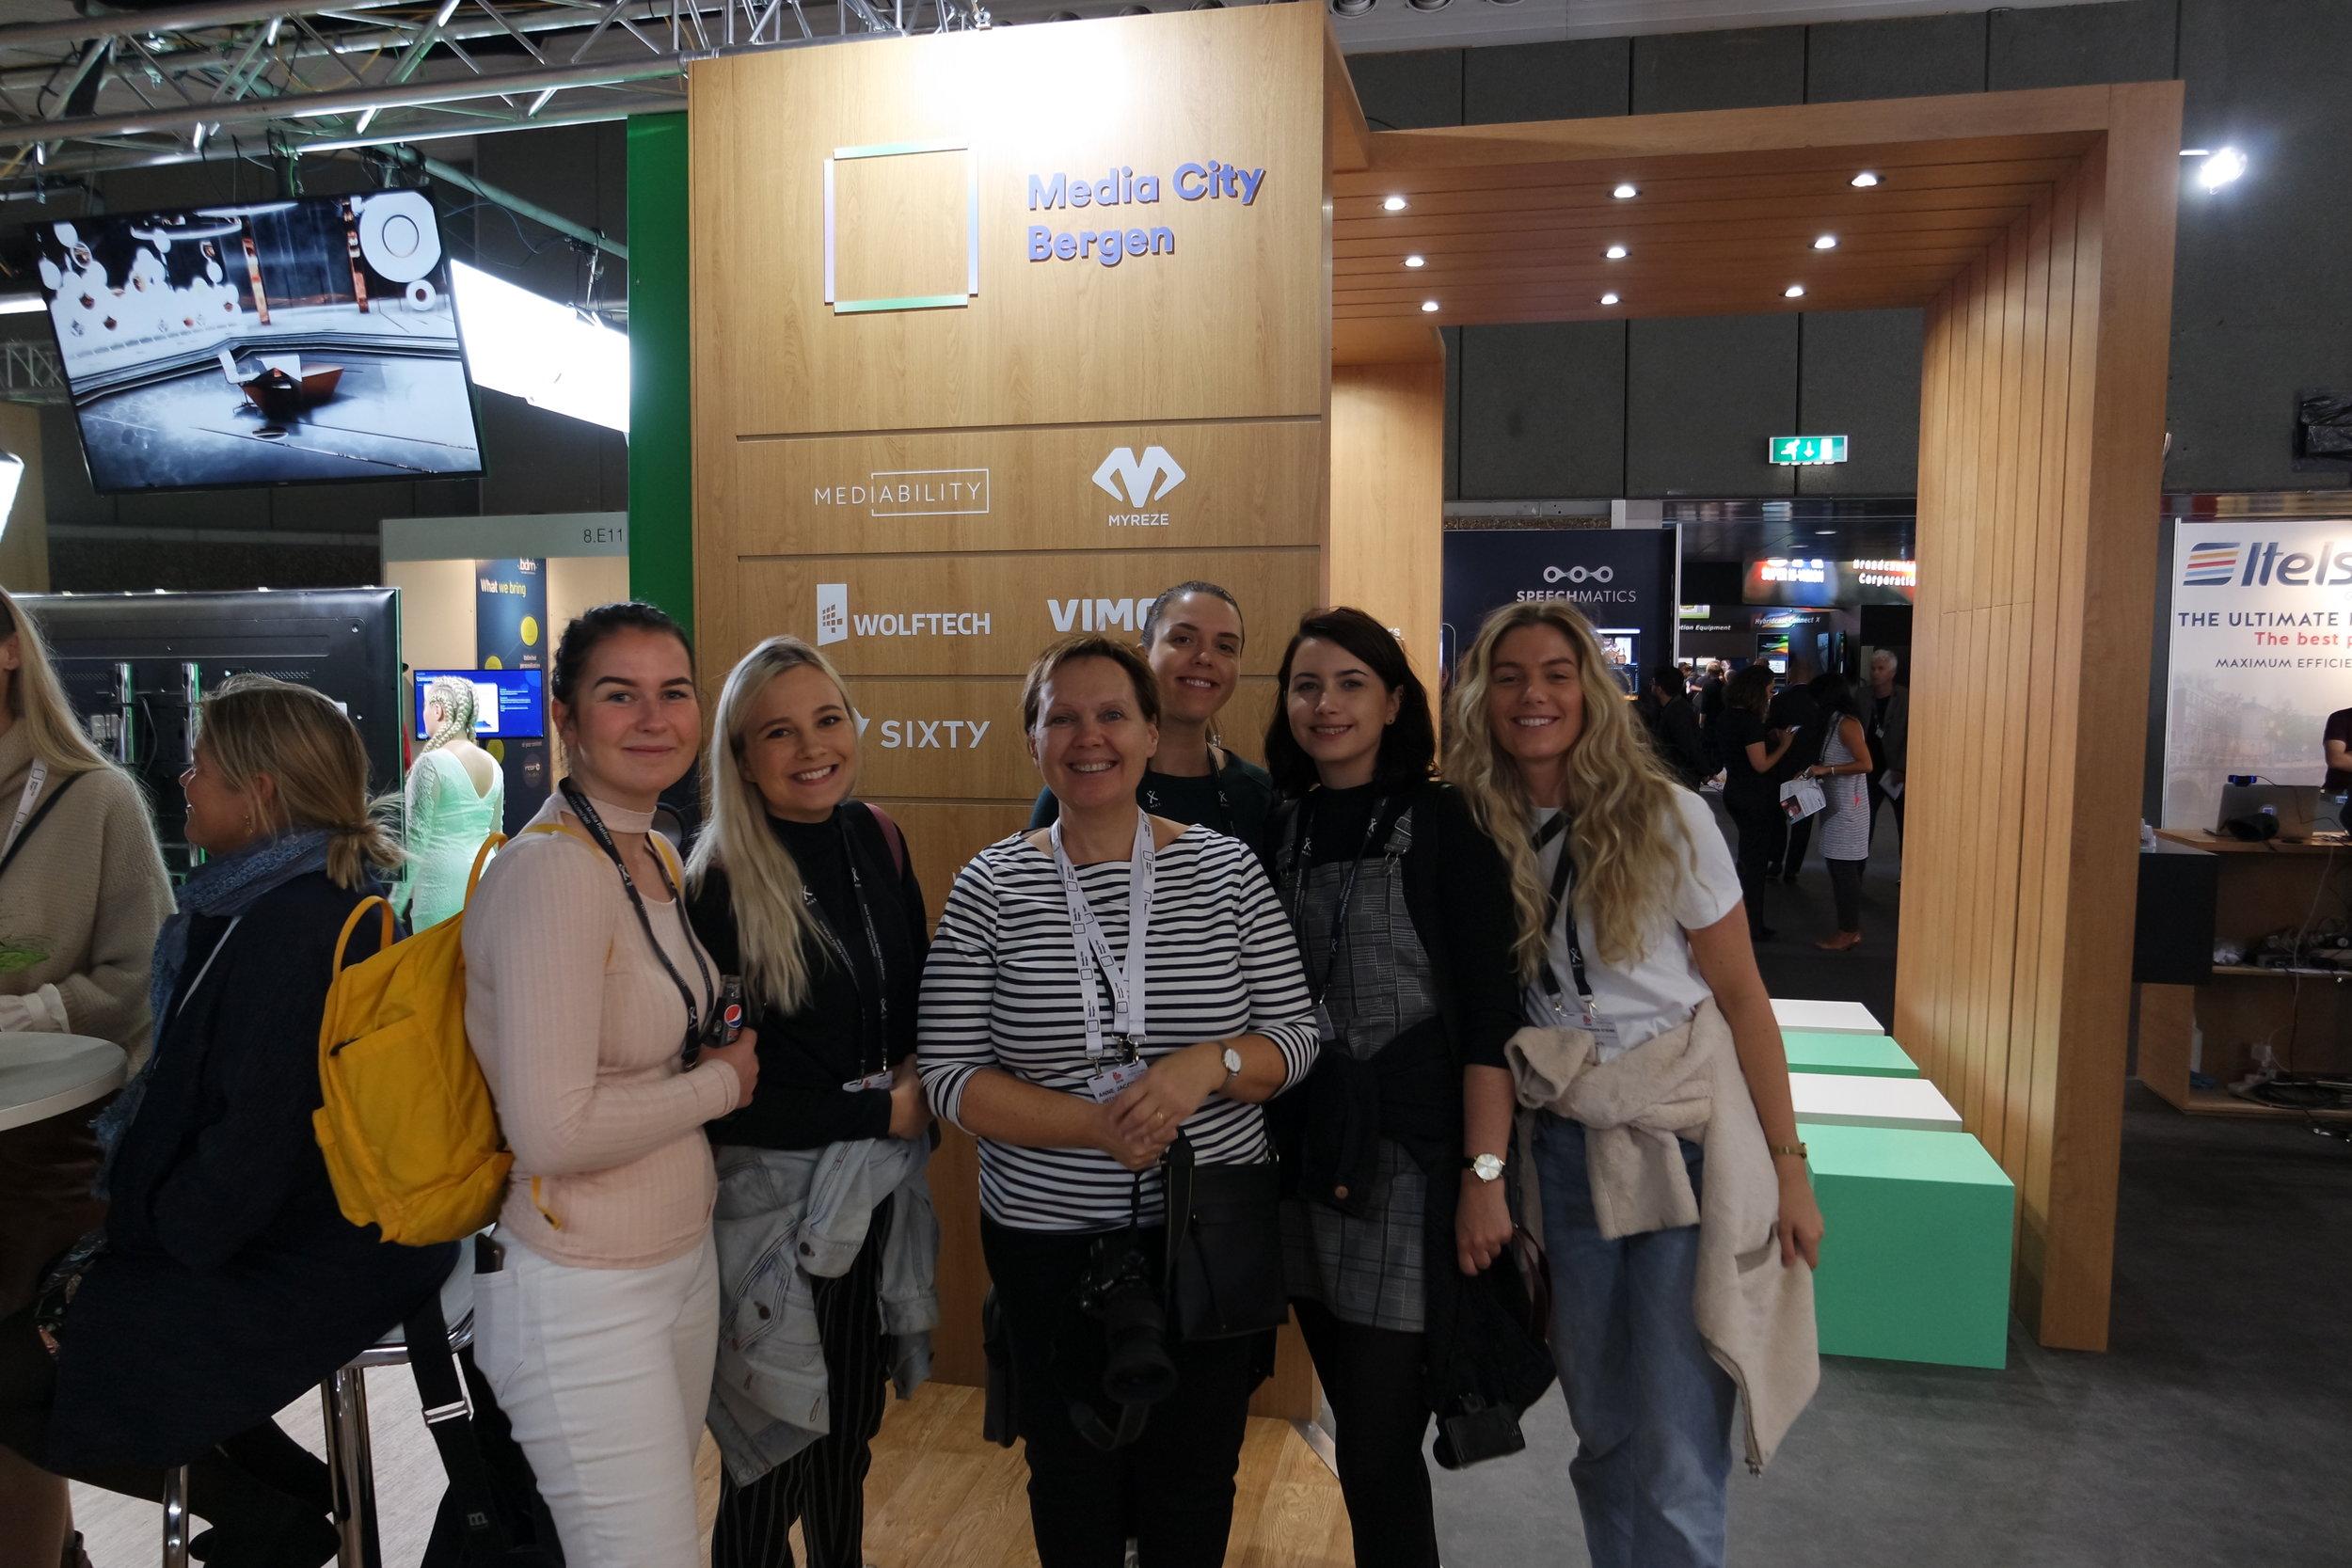 Johanne, Oda, Ingvild og Sara sammen med Anne Jacobsen fra NCE Media på Media City sin stand. Foto: Malin Fjell Olsen